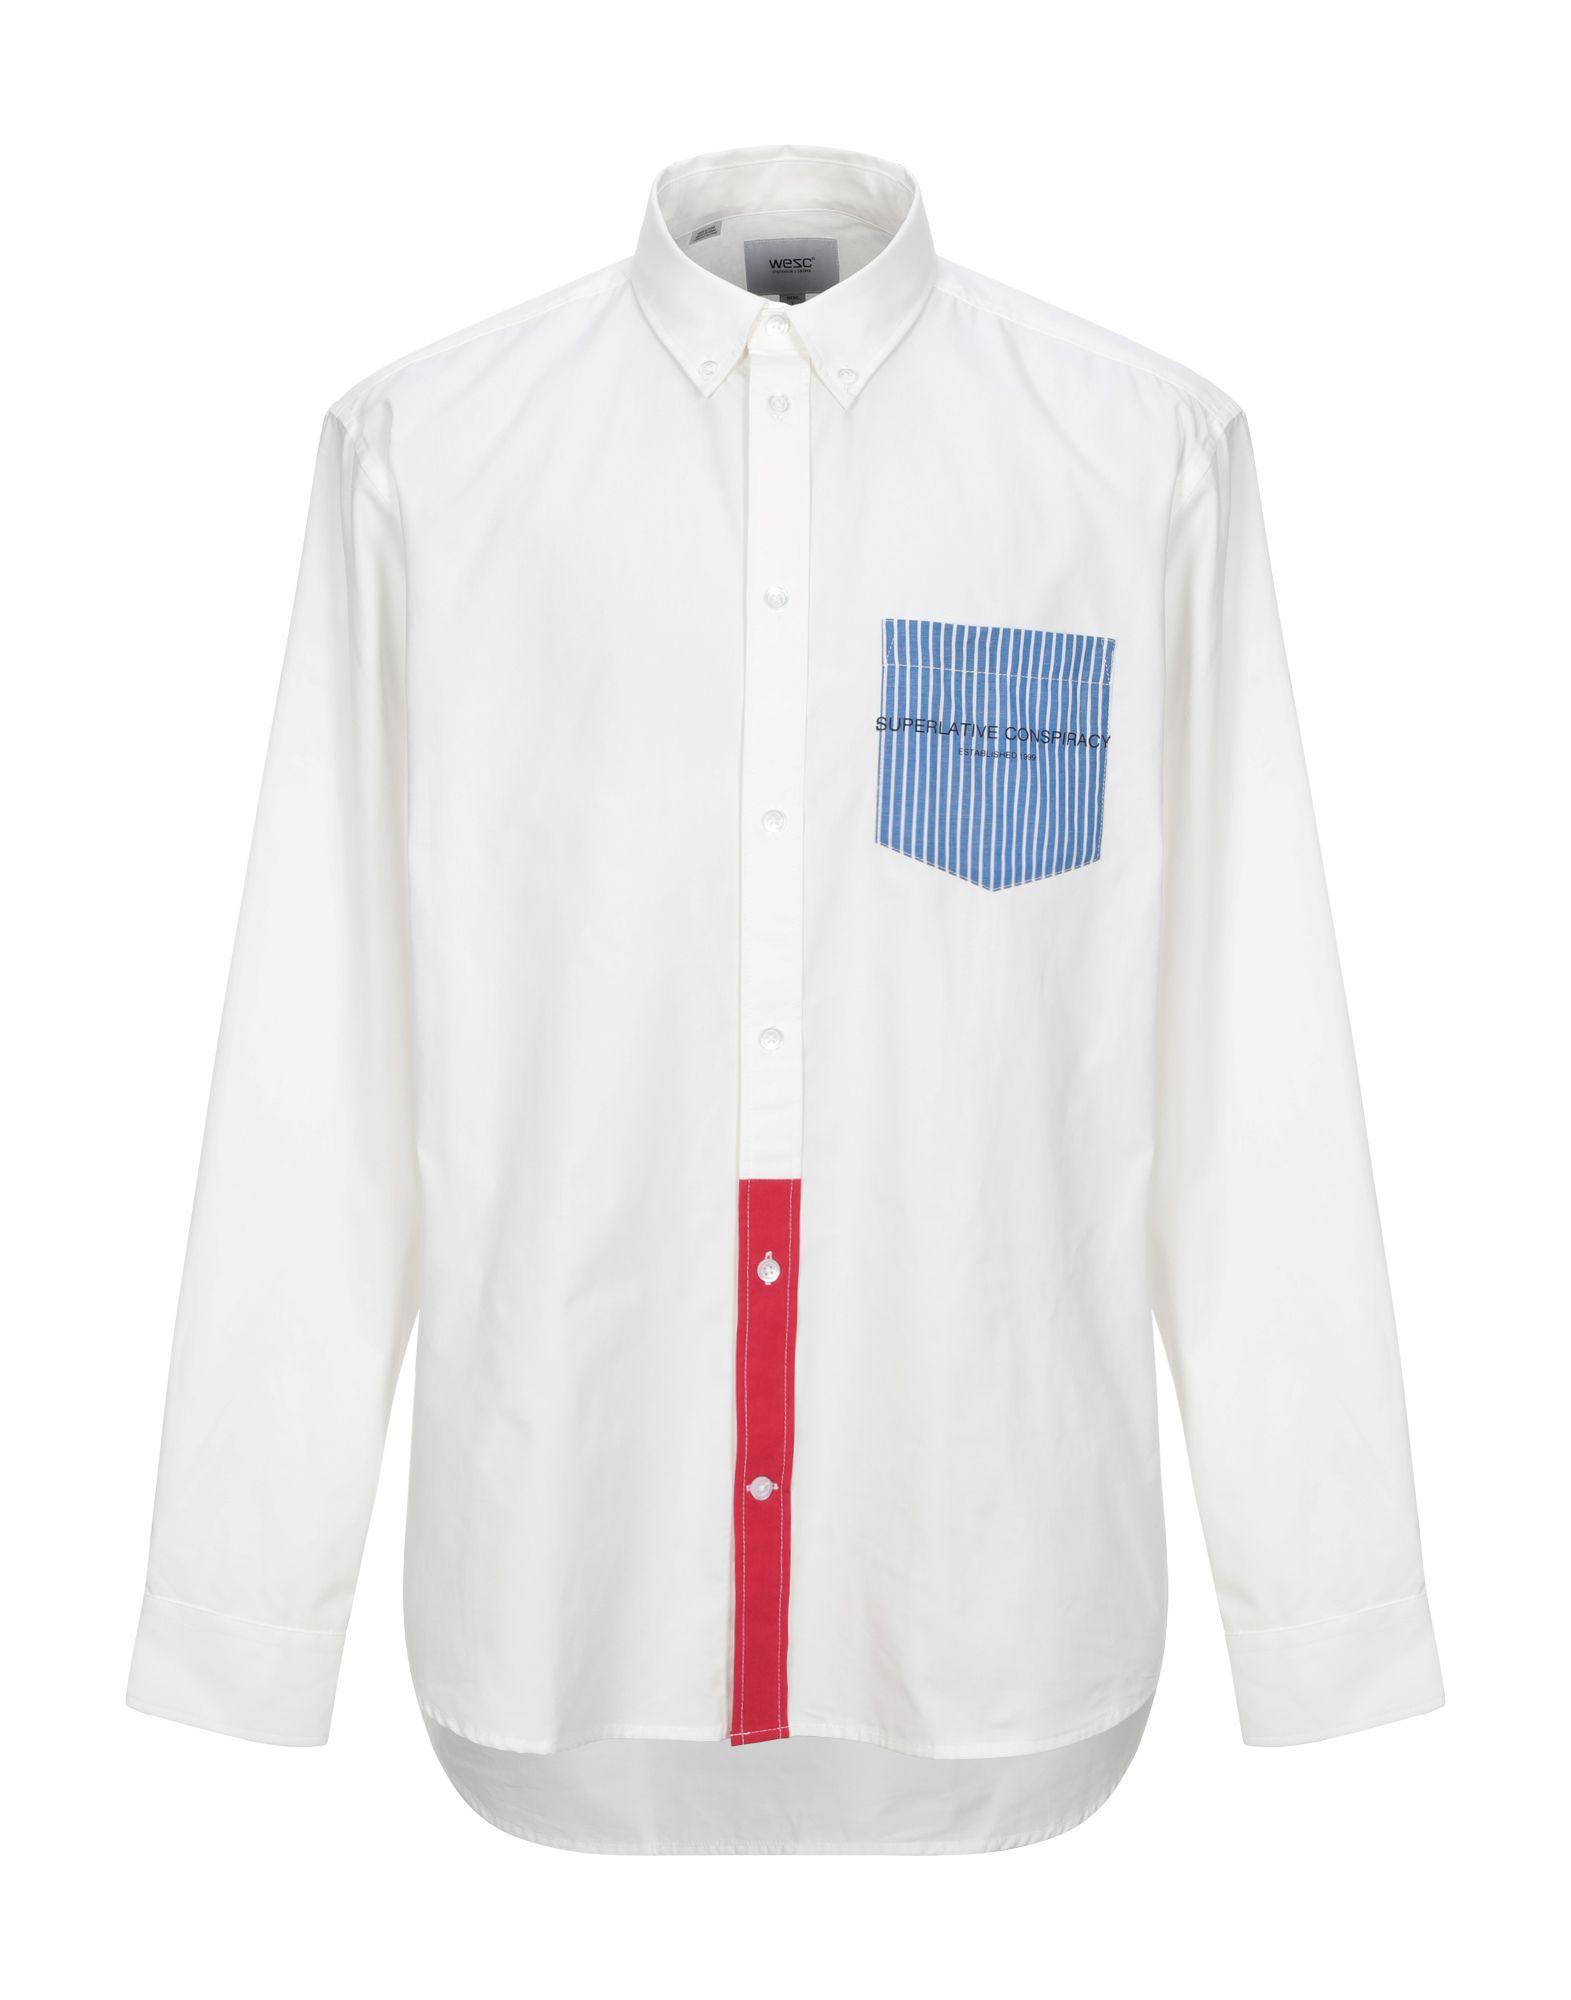 《セール開催中》WESC メンズ シャツ ホワイト XS コットン 100%